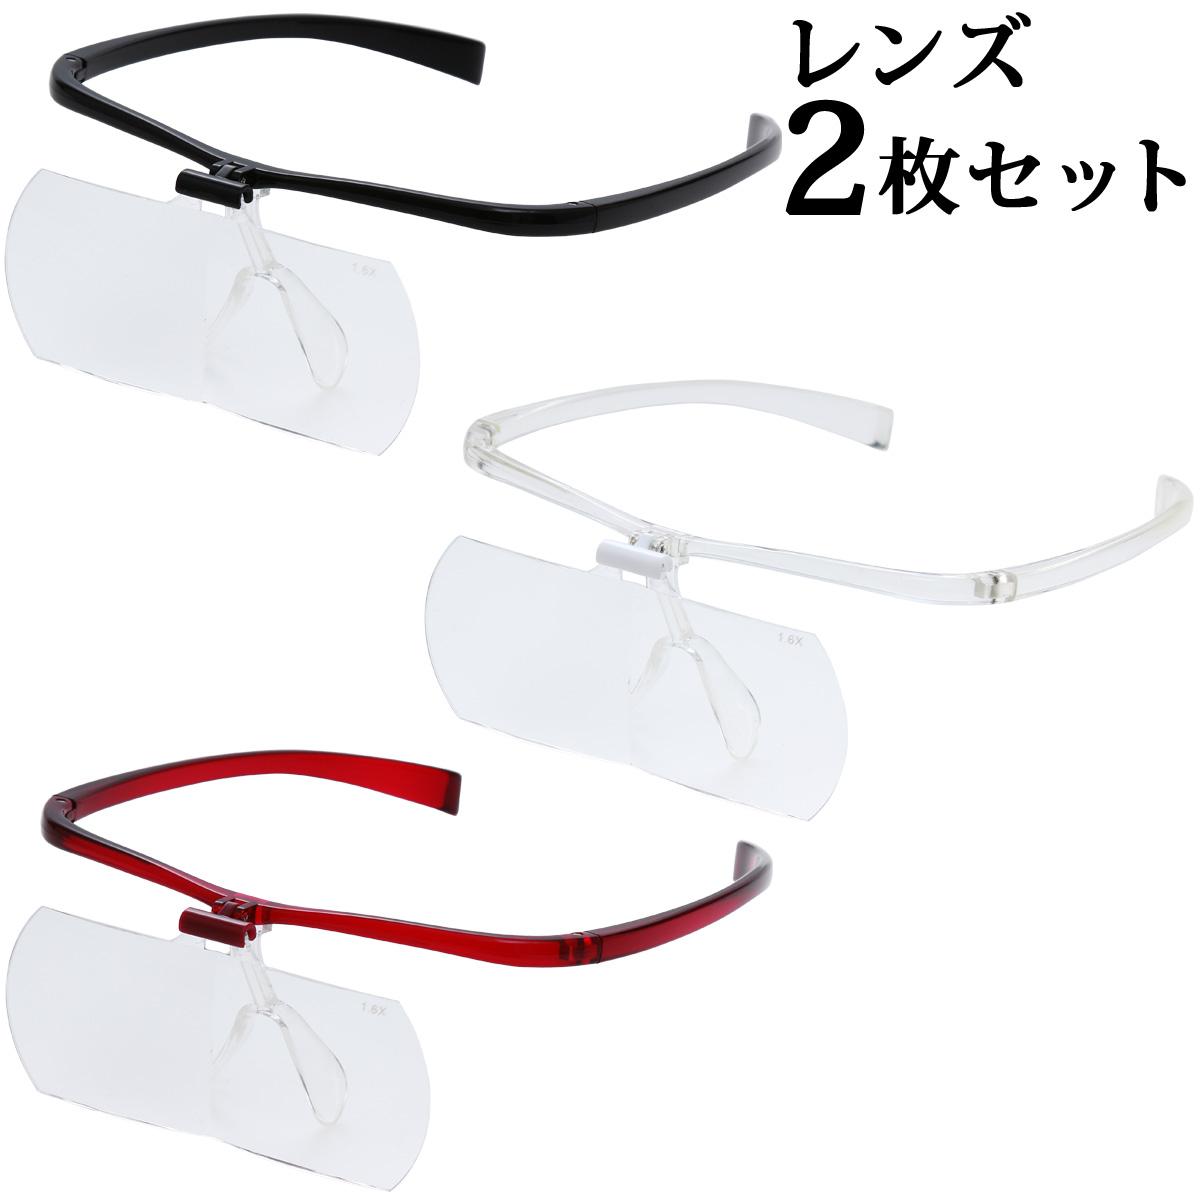 双眼メガネルーペ メガネタイプ 1.6倍 2倍 レンズ2枚セット HF-60DE メガネ型ルーペ 跳ね上げ メガネの上から クリアルーペ 手芸 拡大鏡 読書 模型 まつげエクステ 池田レンズ